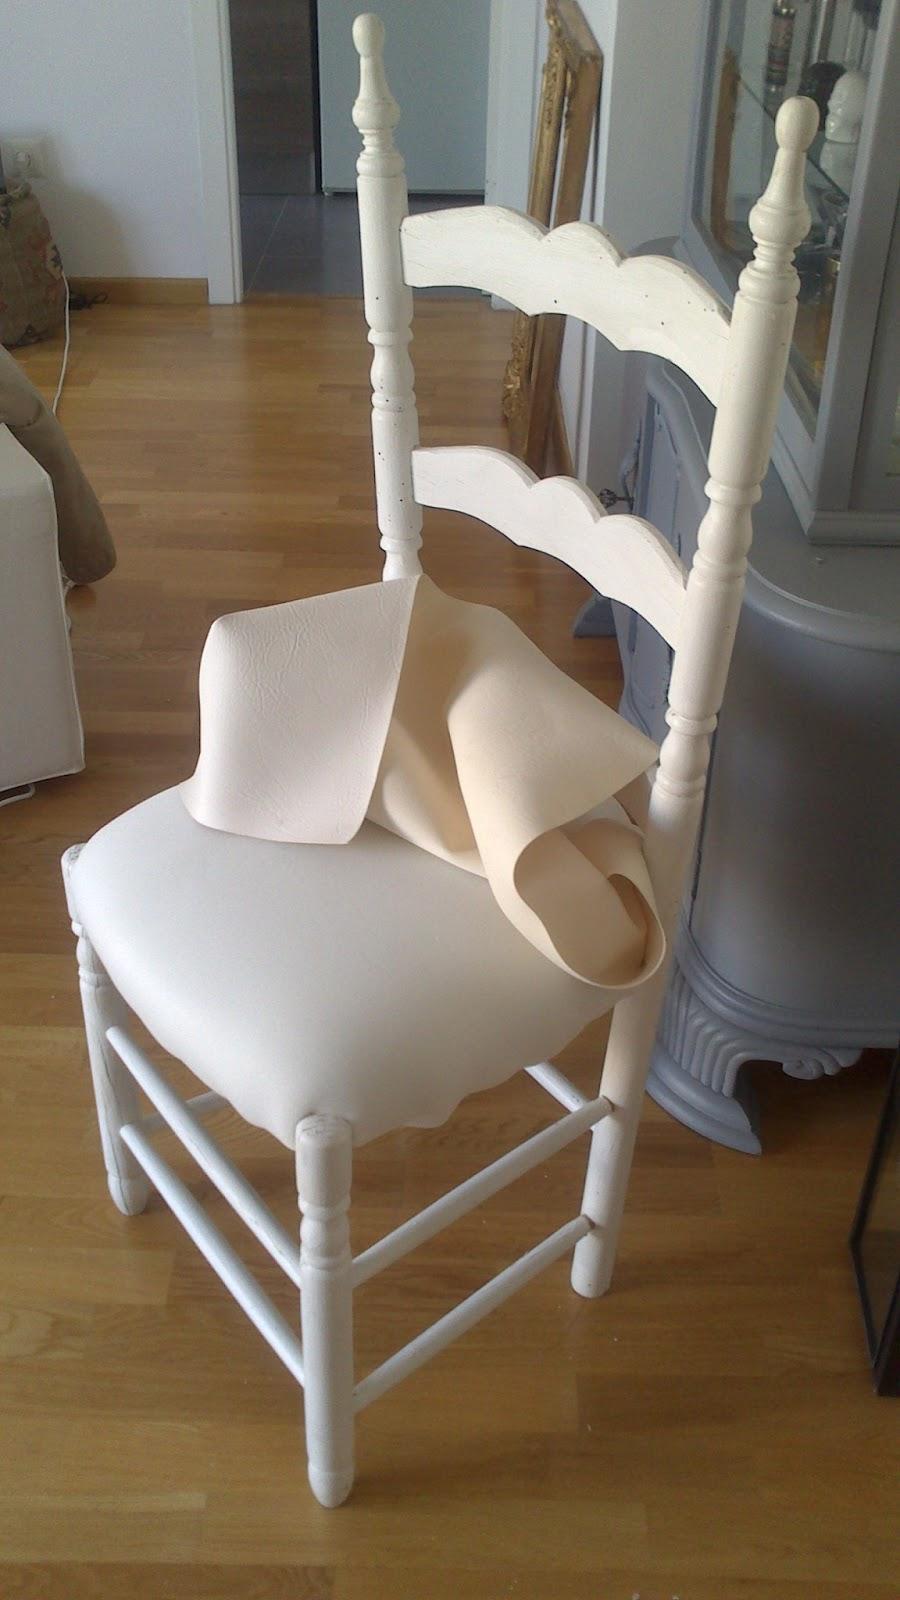 Impresionante Silla Cuero Imagen De Silla Muebles